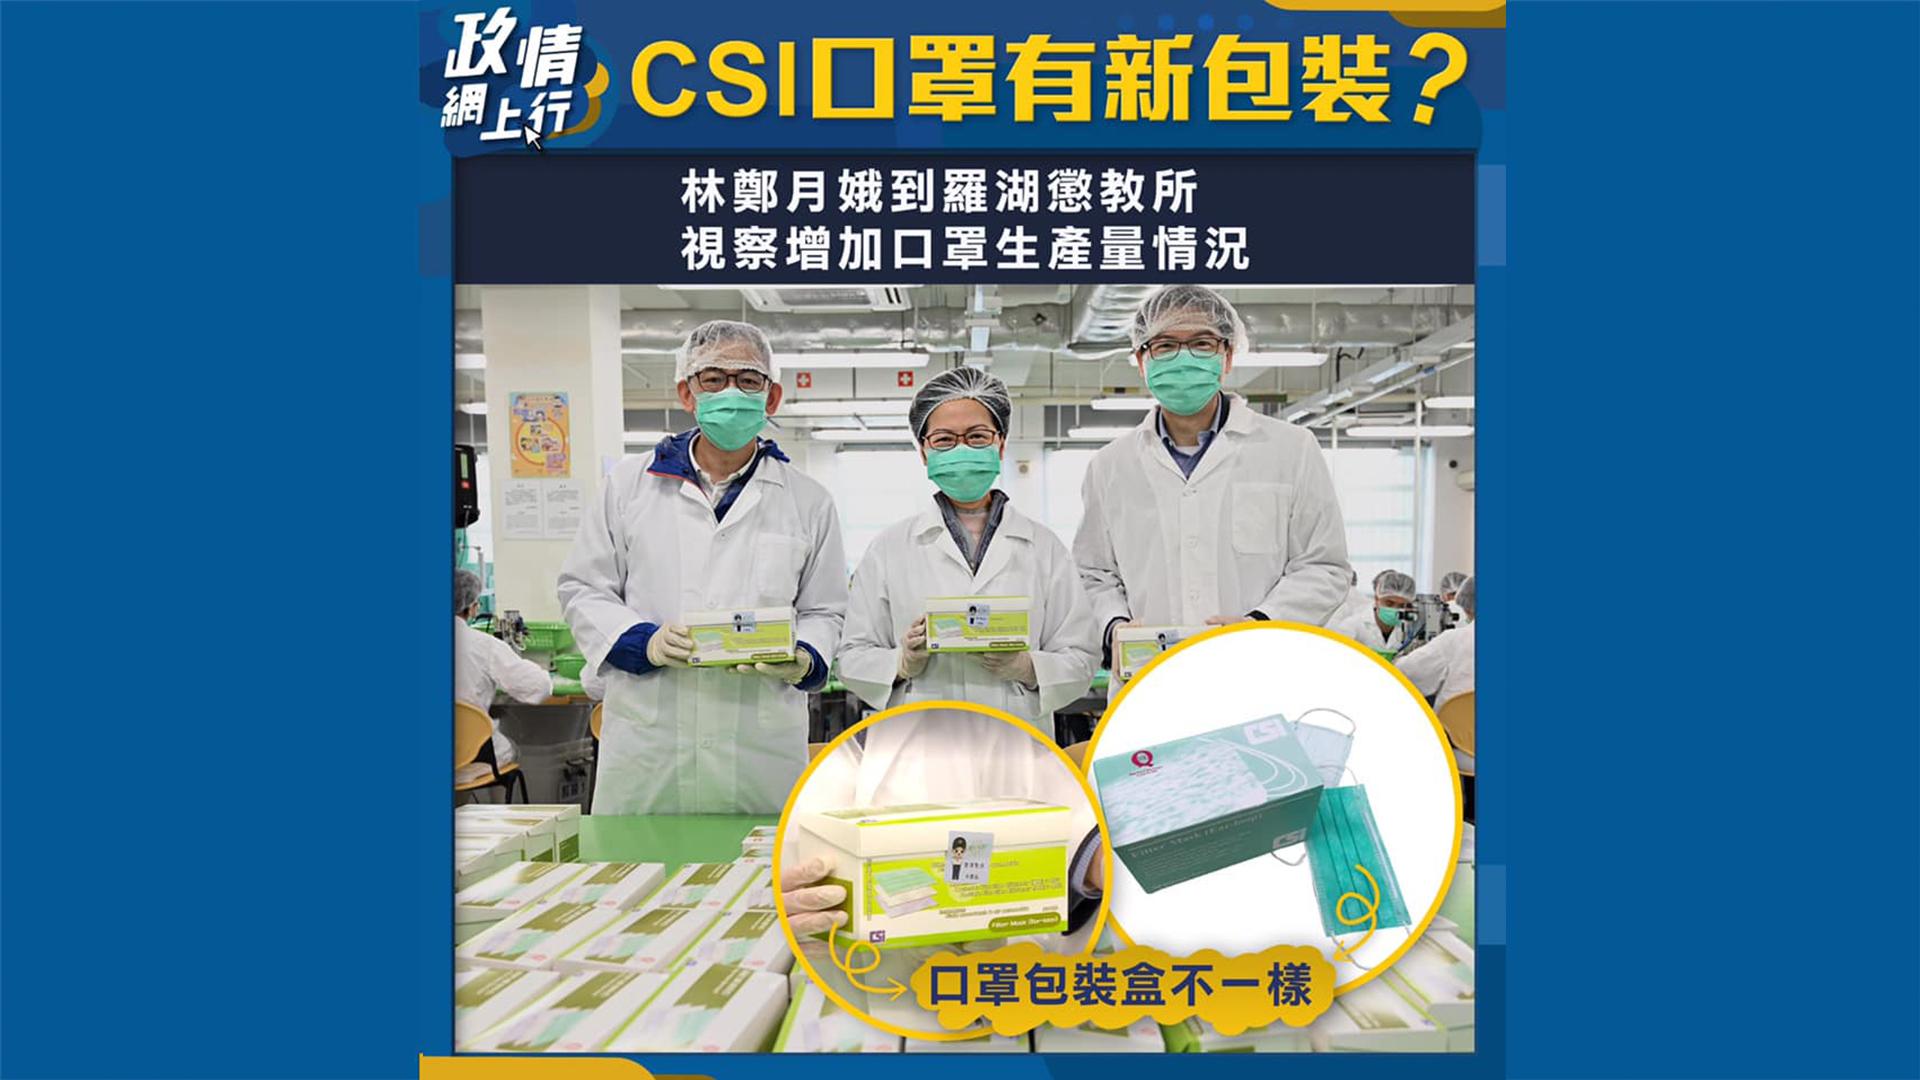 【政情網上行】CSI口罩有新包裝?